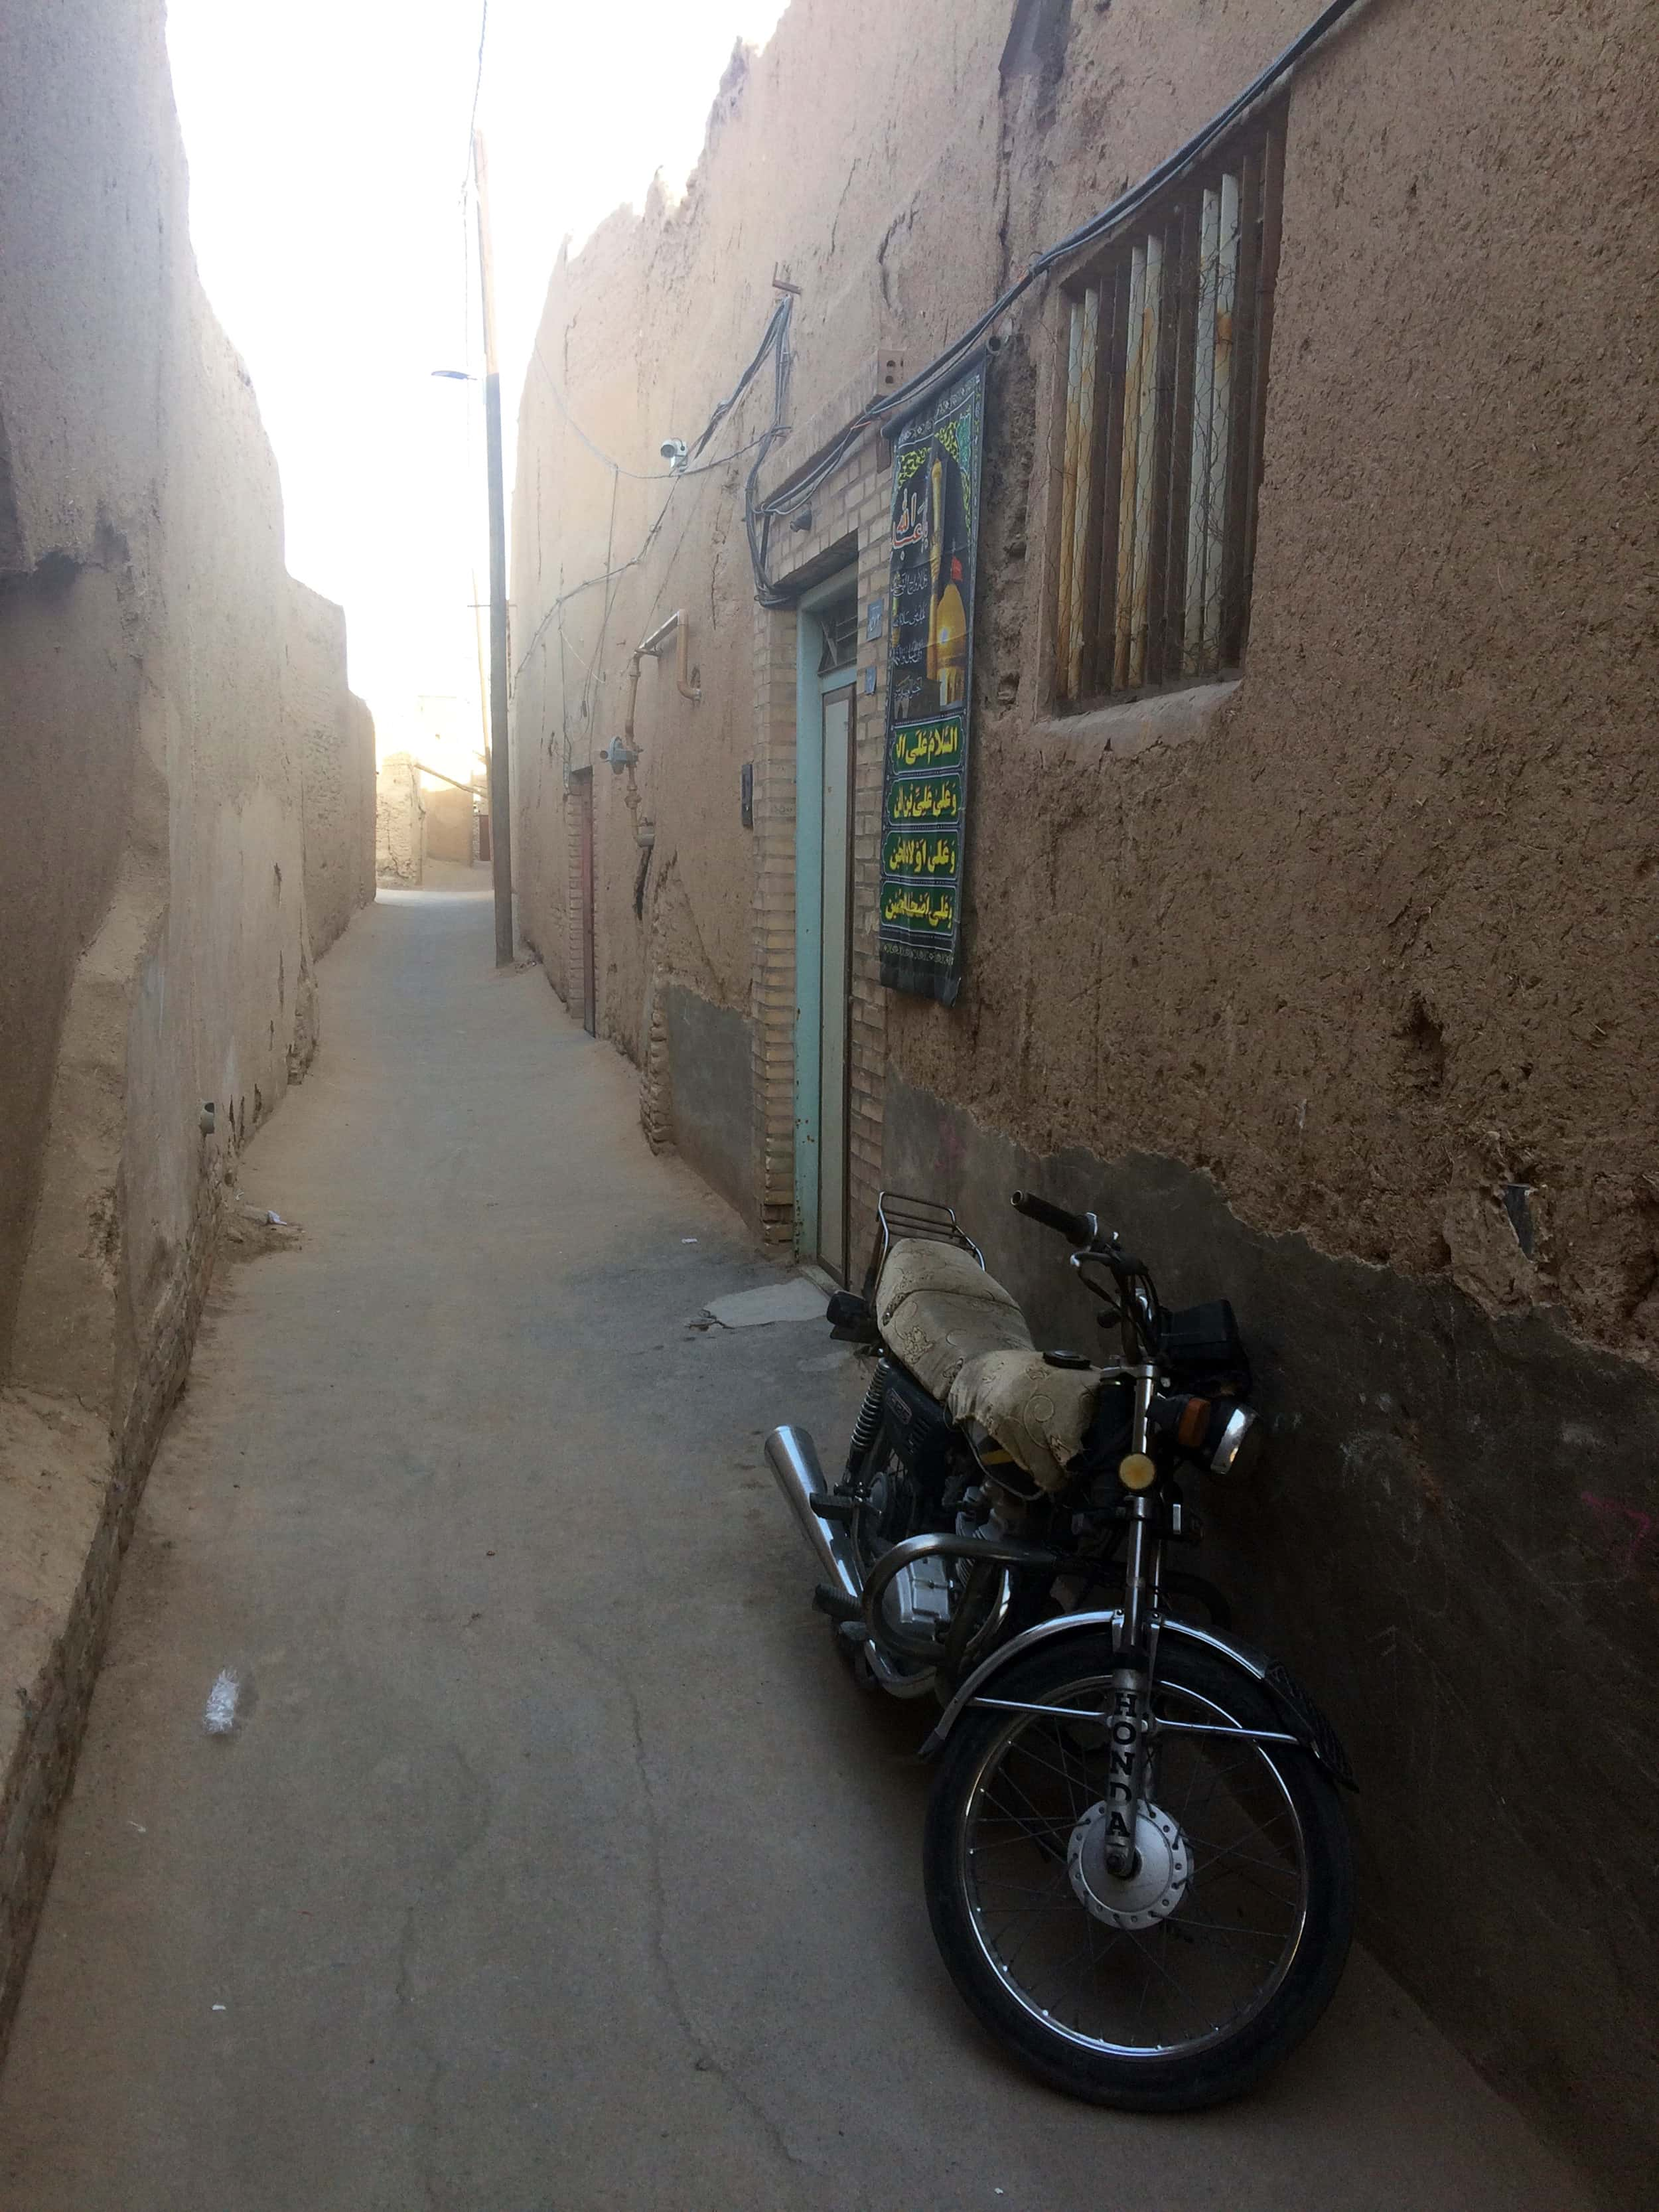 Язд. Старі вулички. Фото 5